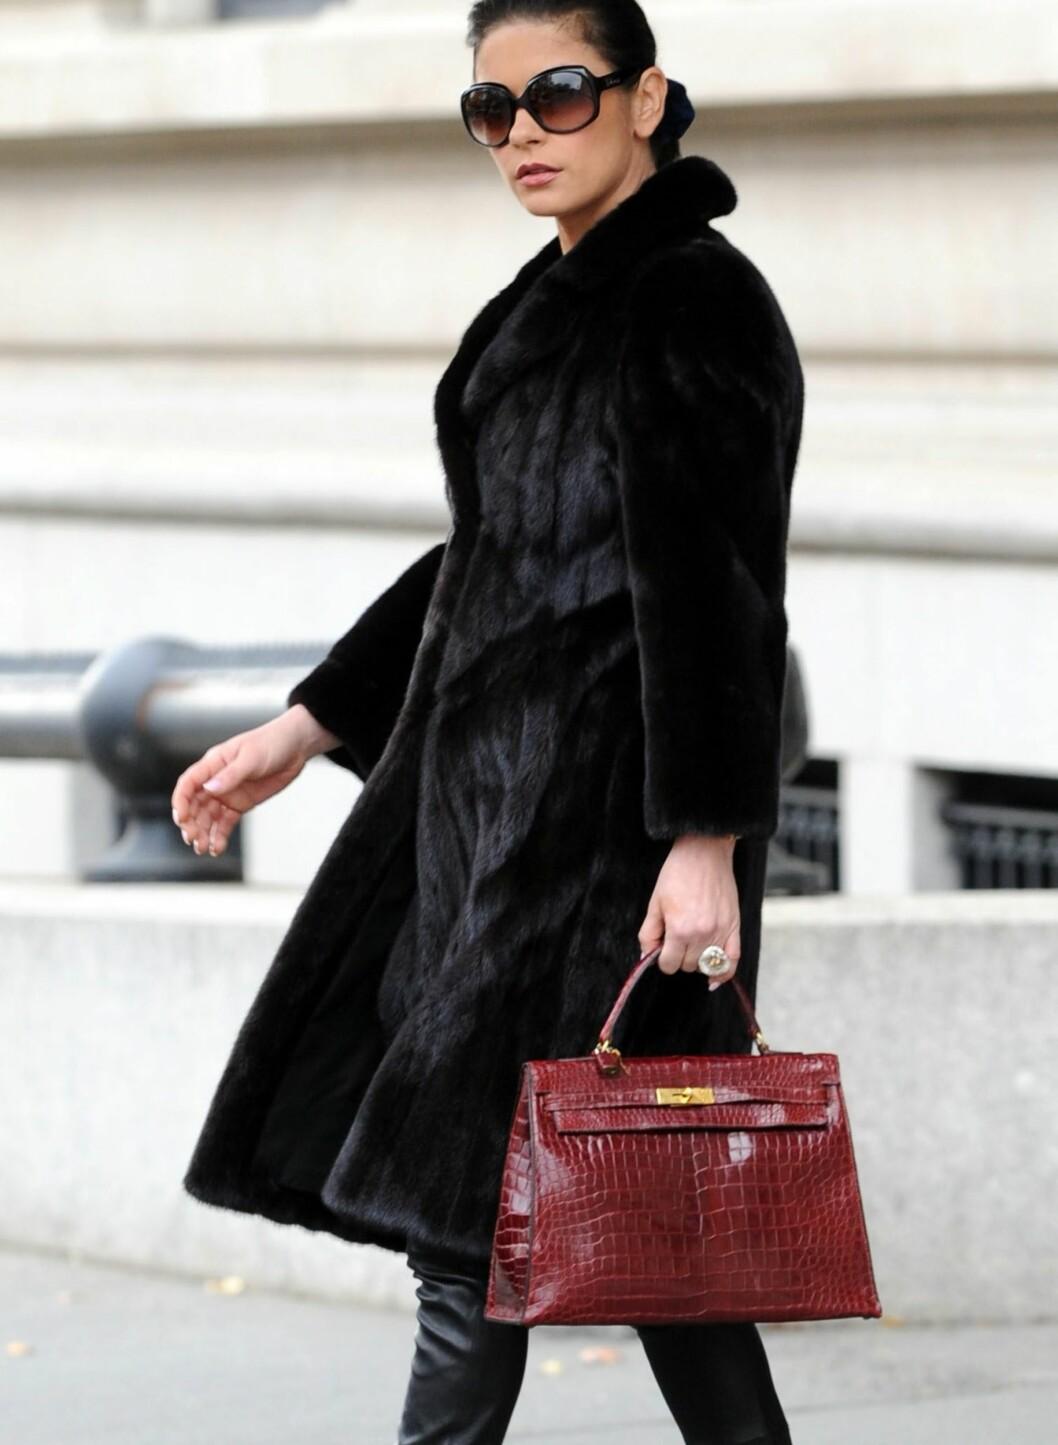 Dette antrekket fikk Zeta-Jones på PETAs verst kledd-liste: Lang pelskåpe, krokodilleskinnsveske og lange skinnbukser. Foto: All Over Press